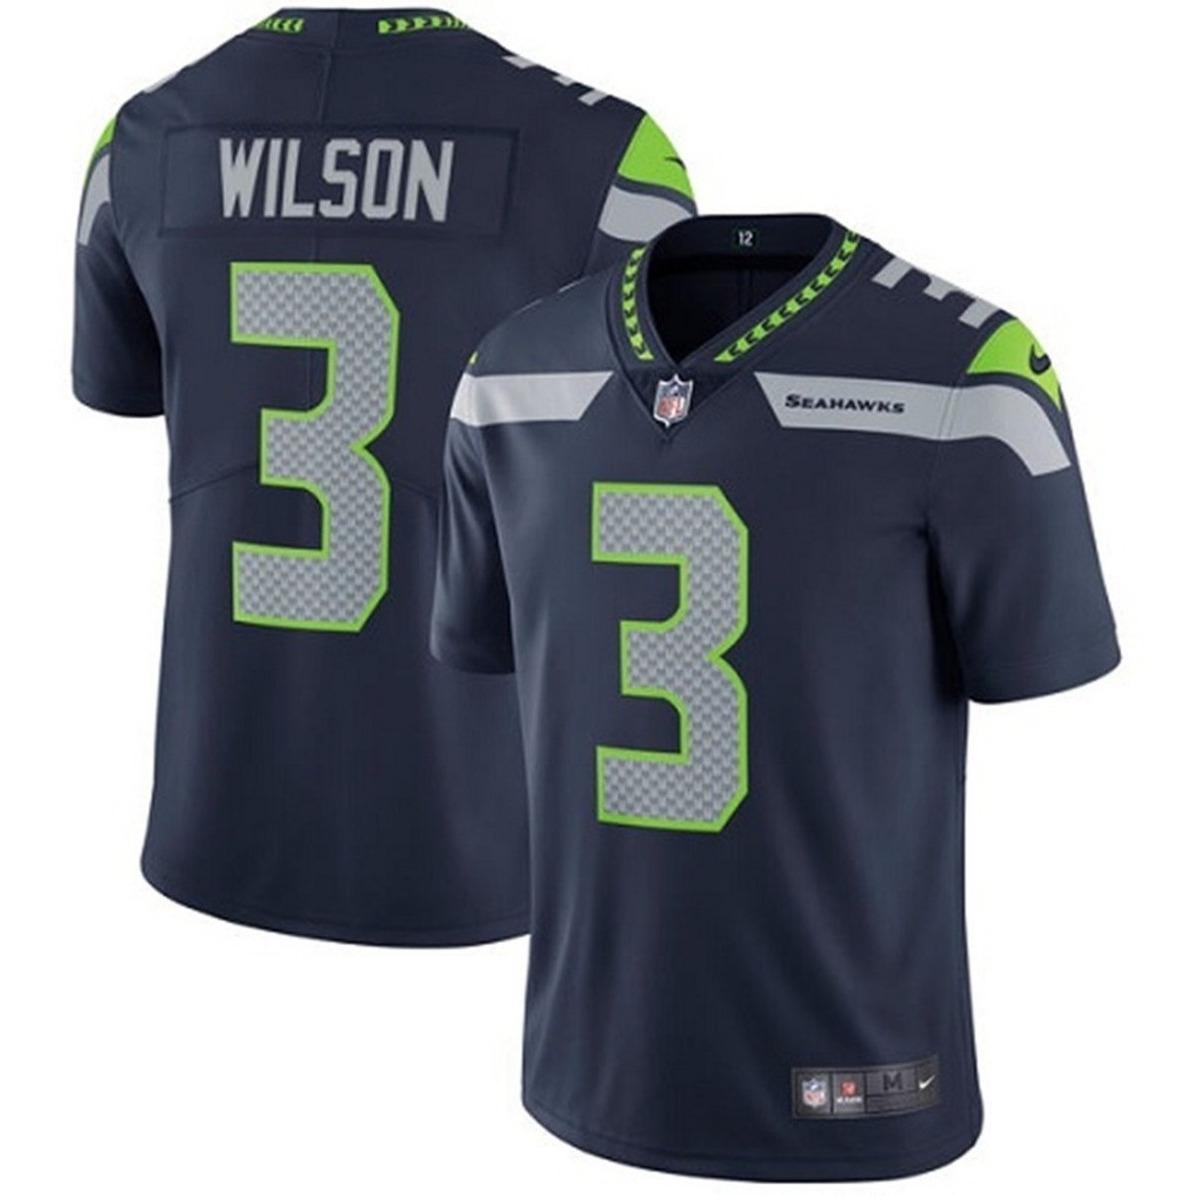 finest selection 48428 96f03 Nfl Jersey #3 Wilson, #24 Lynch , #25 Sherman, Seahawks!